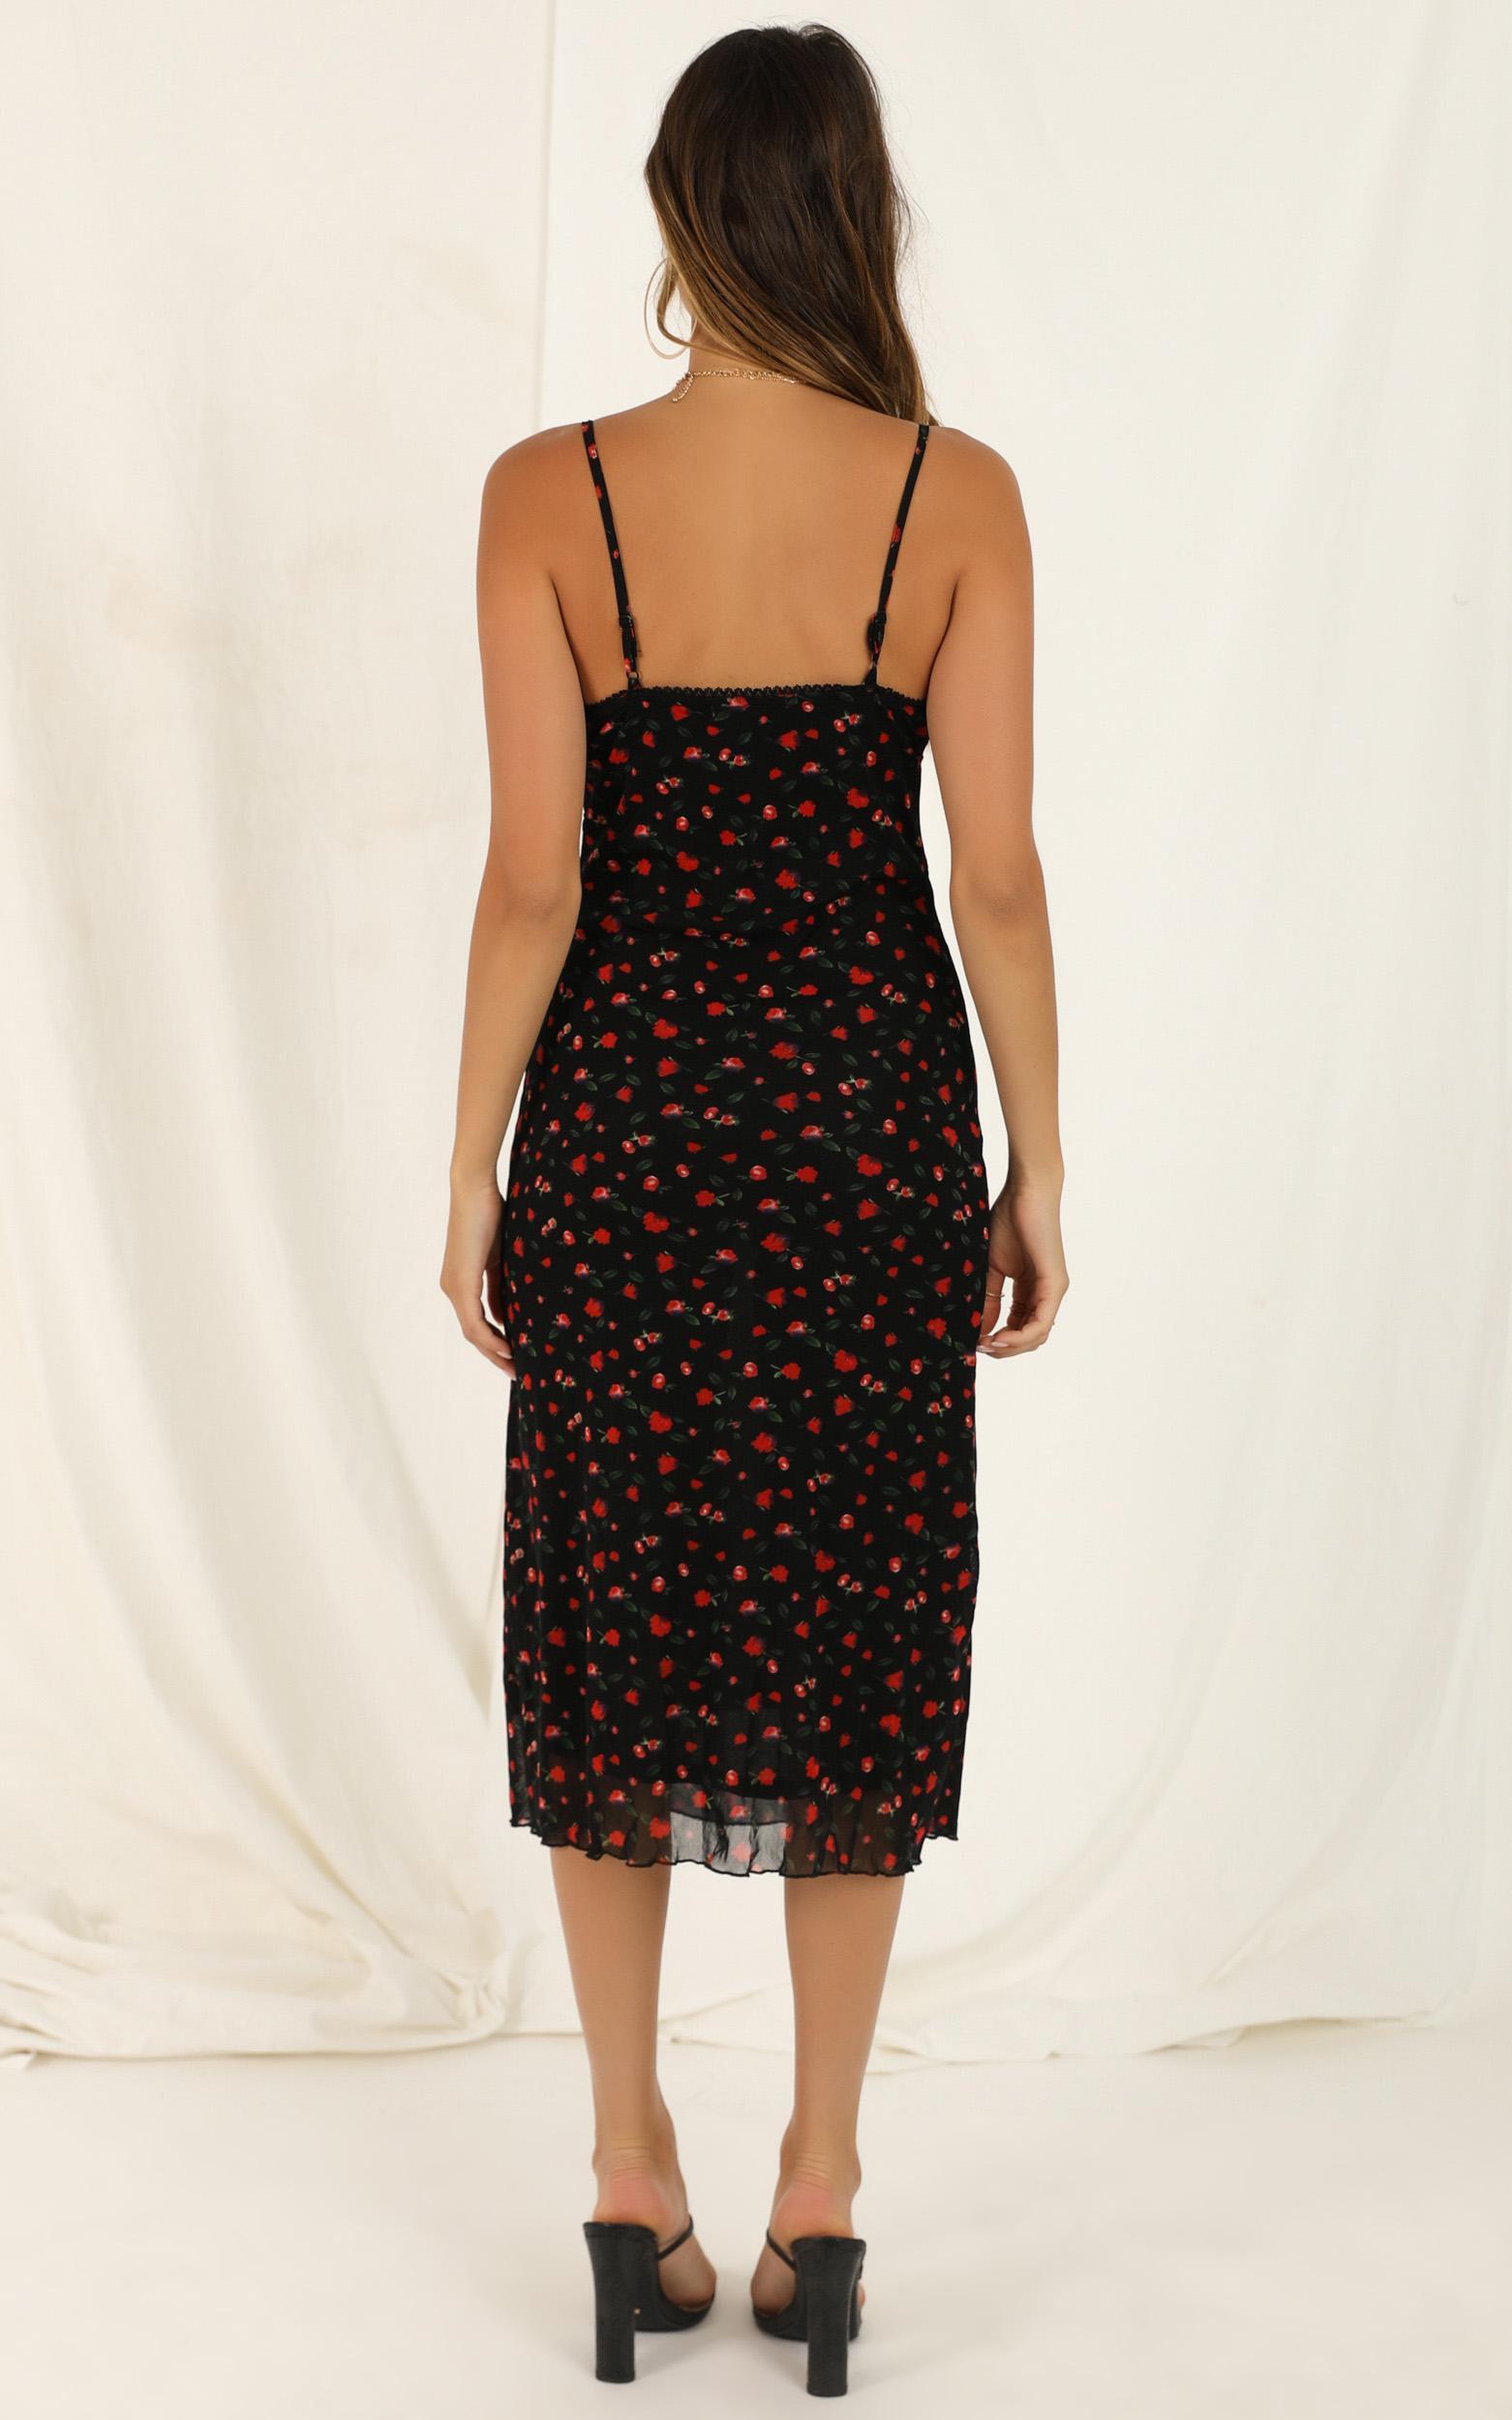 Floral Arrangement Dress In Black Floral - 16 (XXL), Black, hi-res image number null